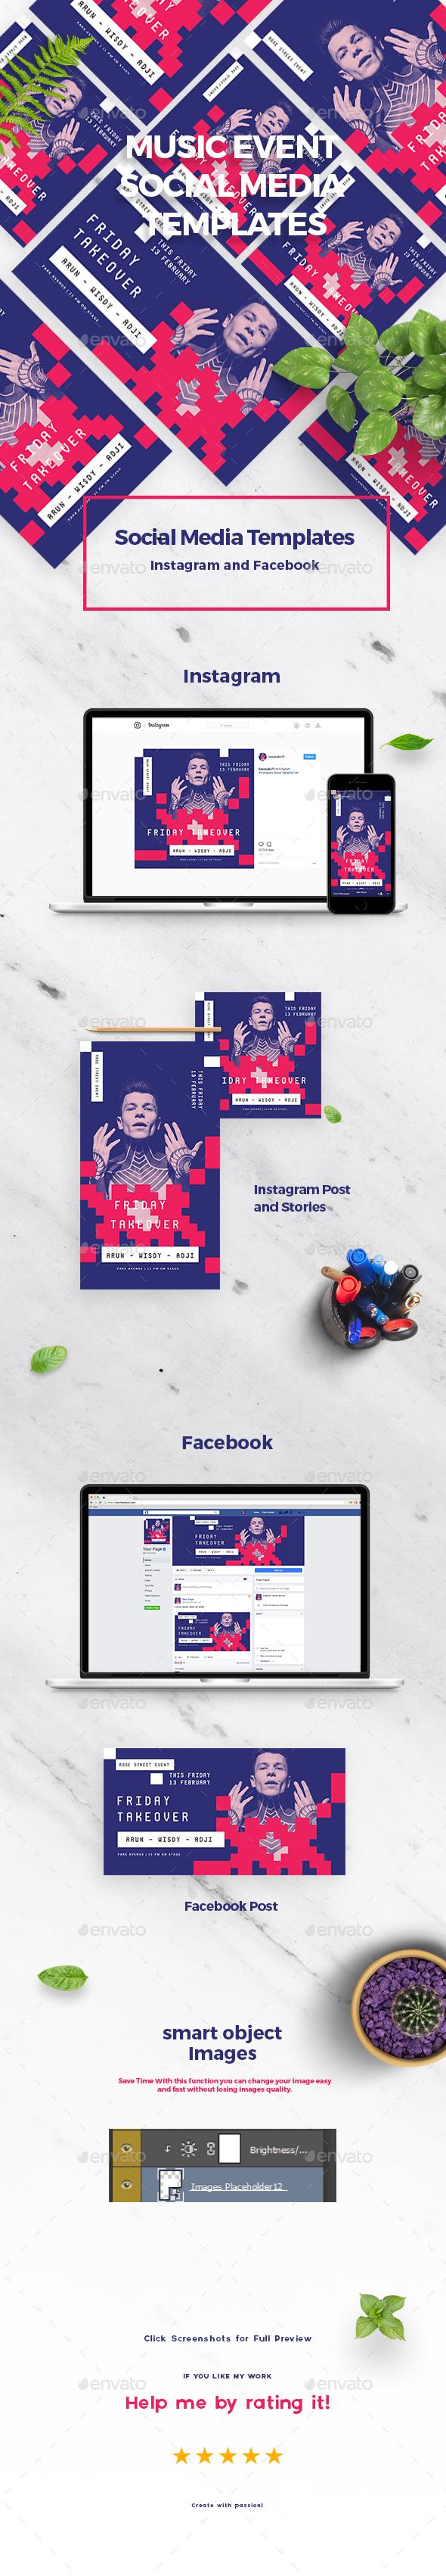 Music Event Social Media Templates - Social Media Web Elements